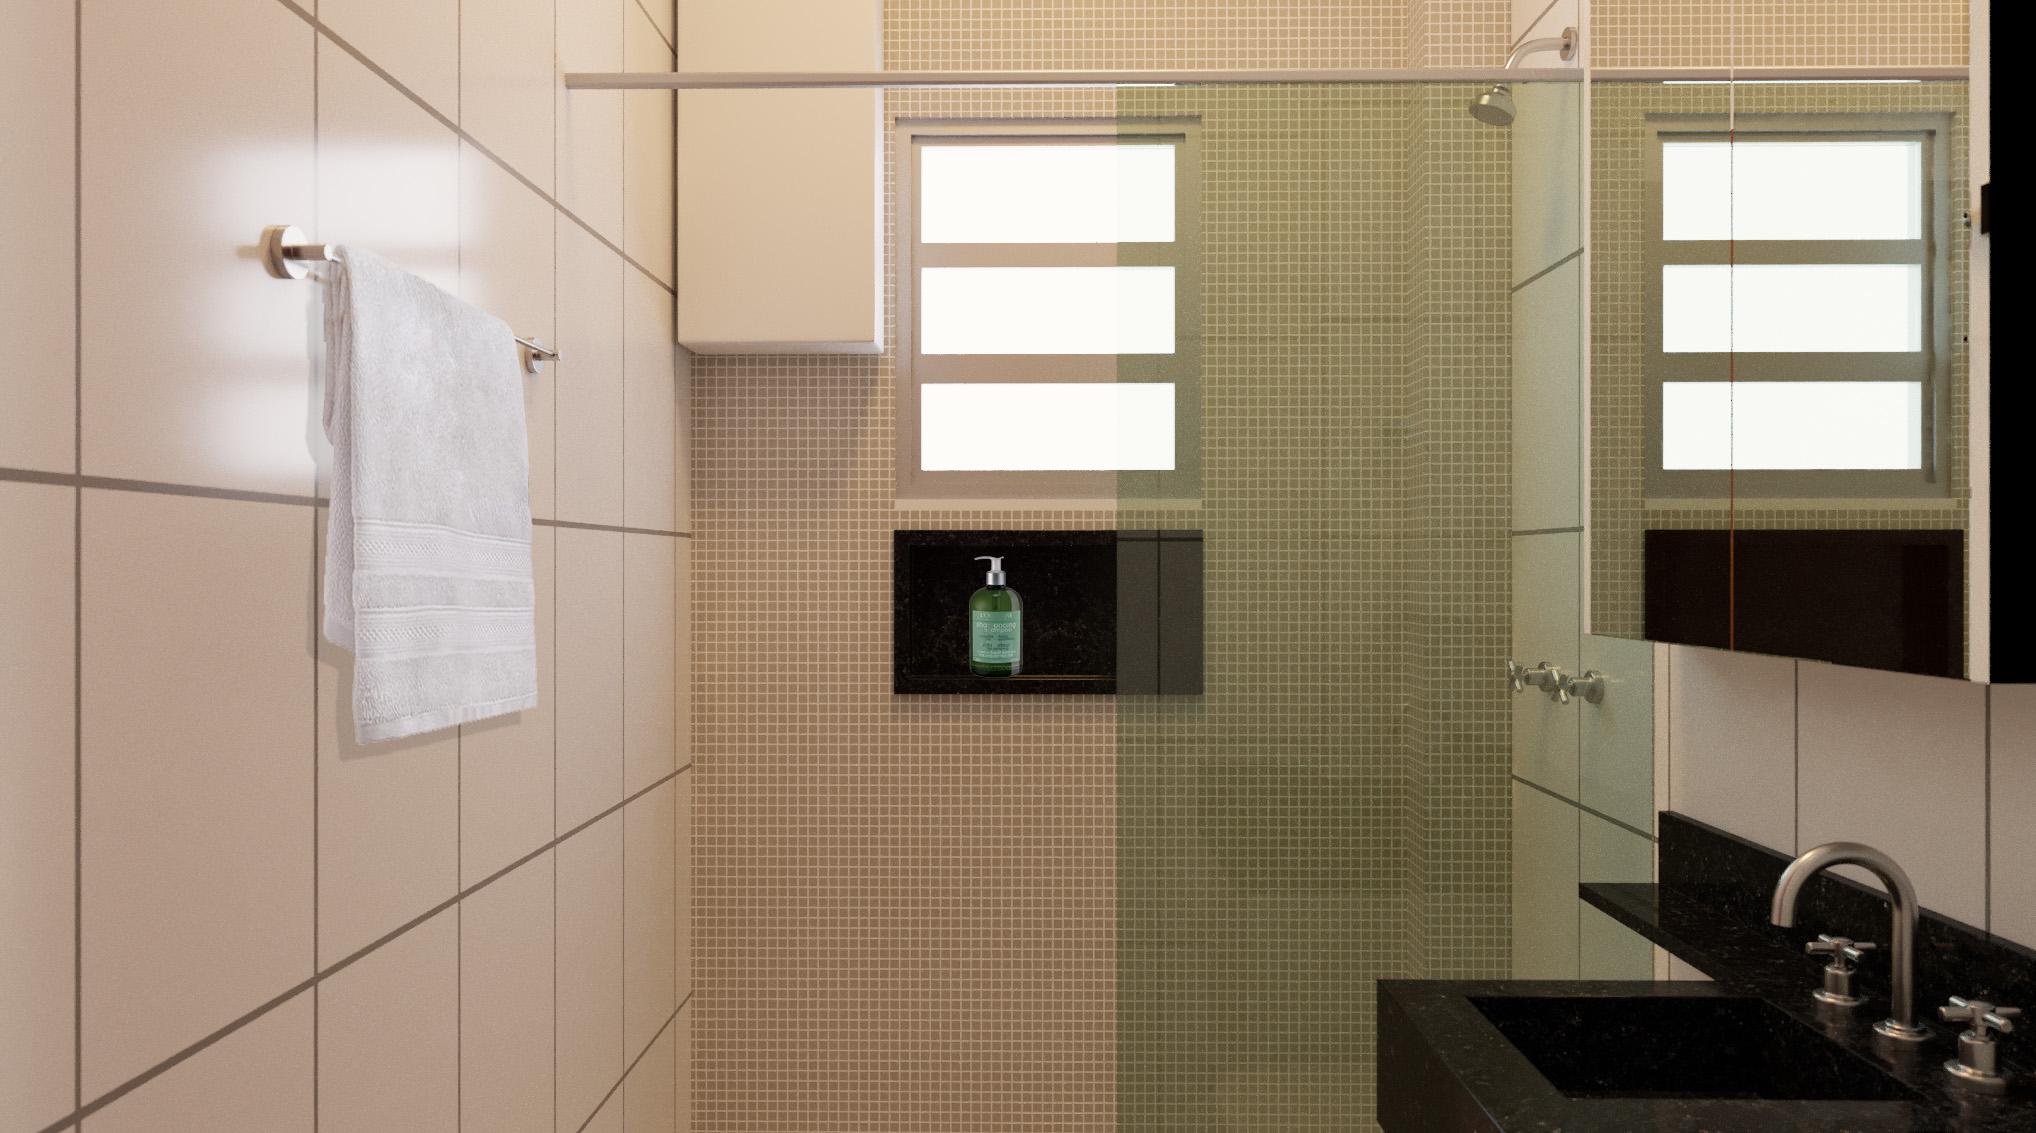 Banheiro estilo Moderno sofisticado Minimalista